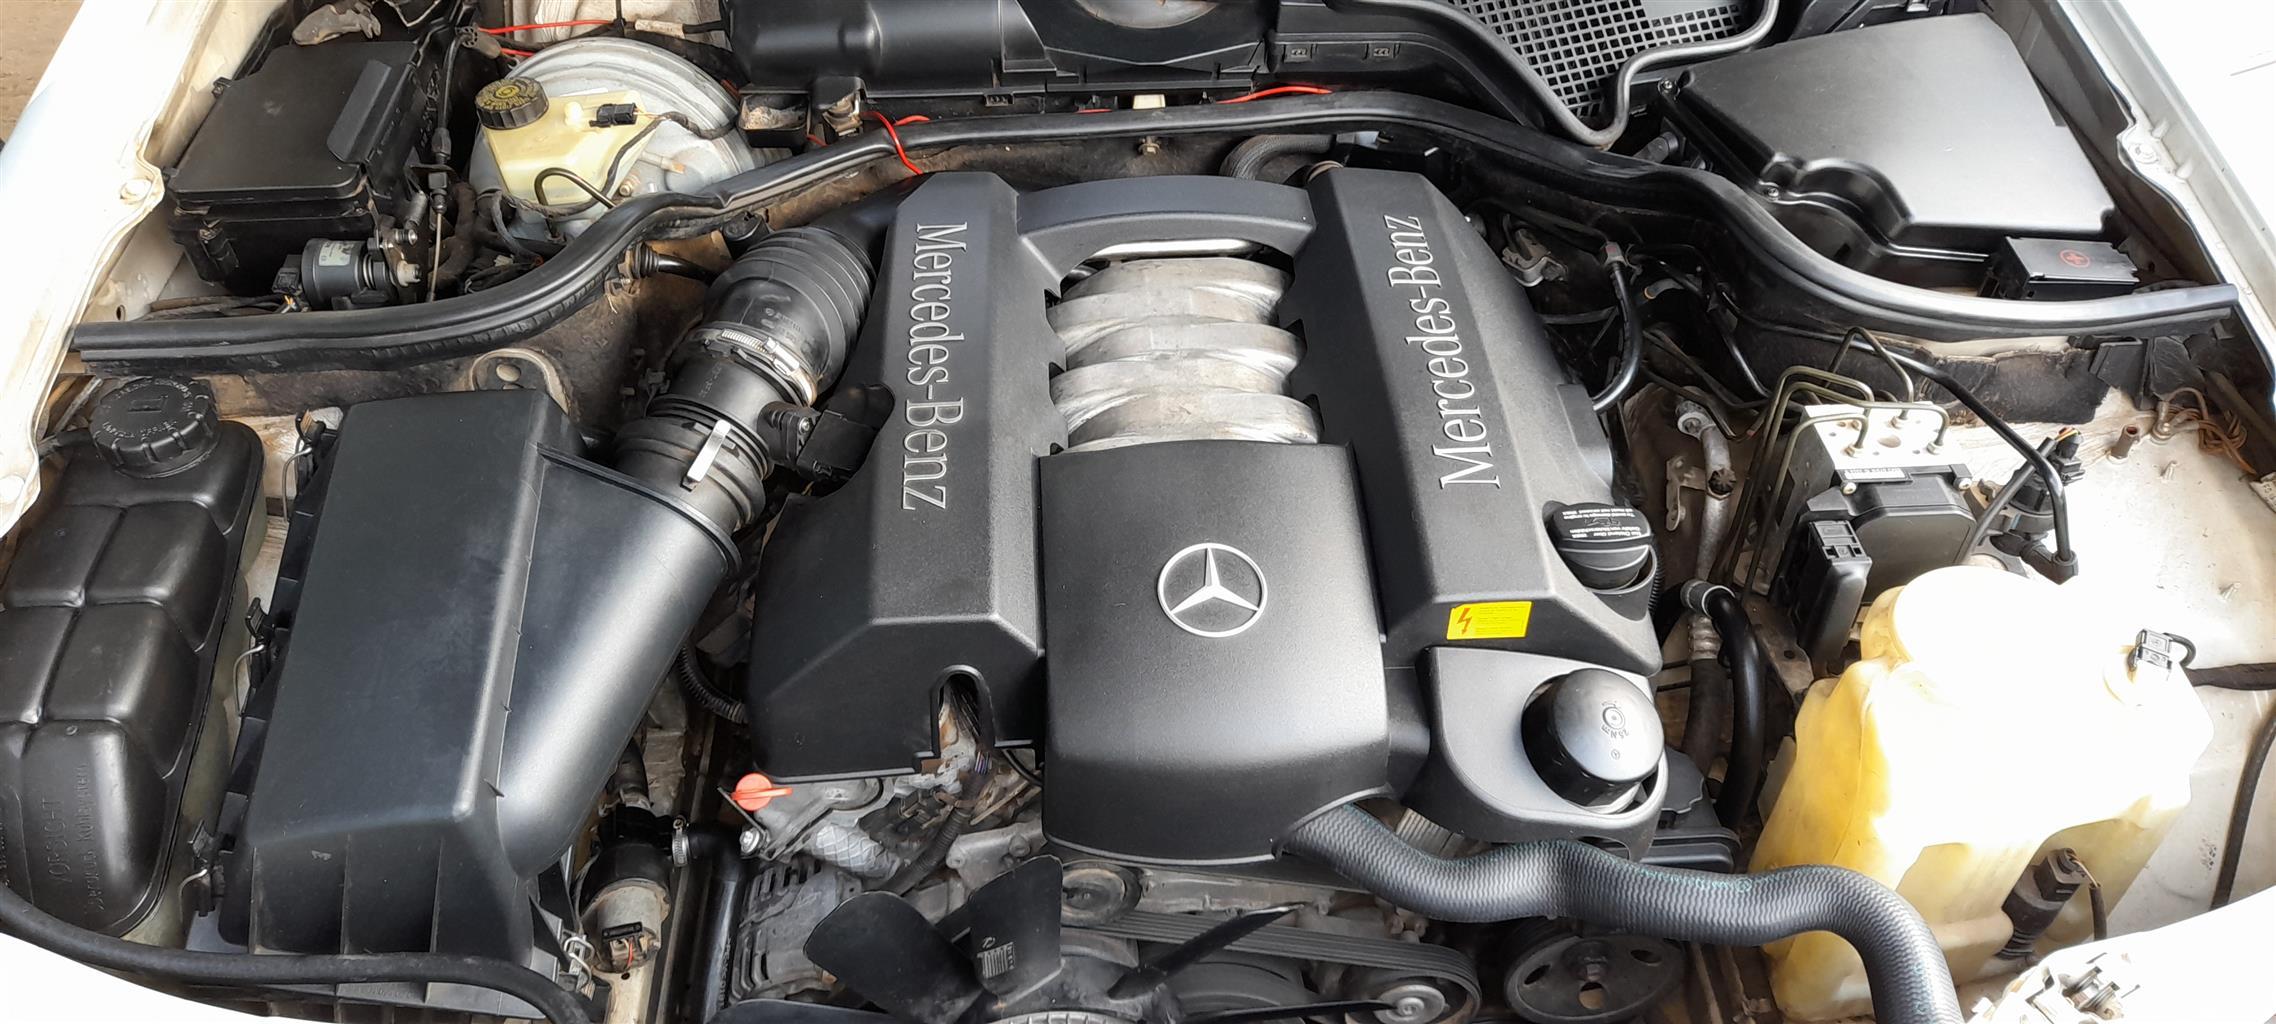 1998 Mercedes benz E320 V6